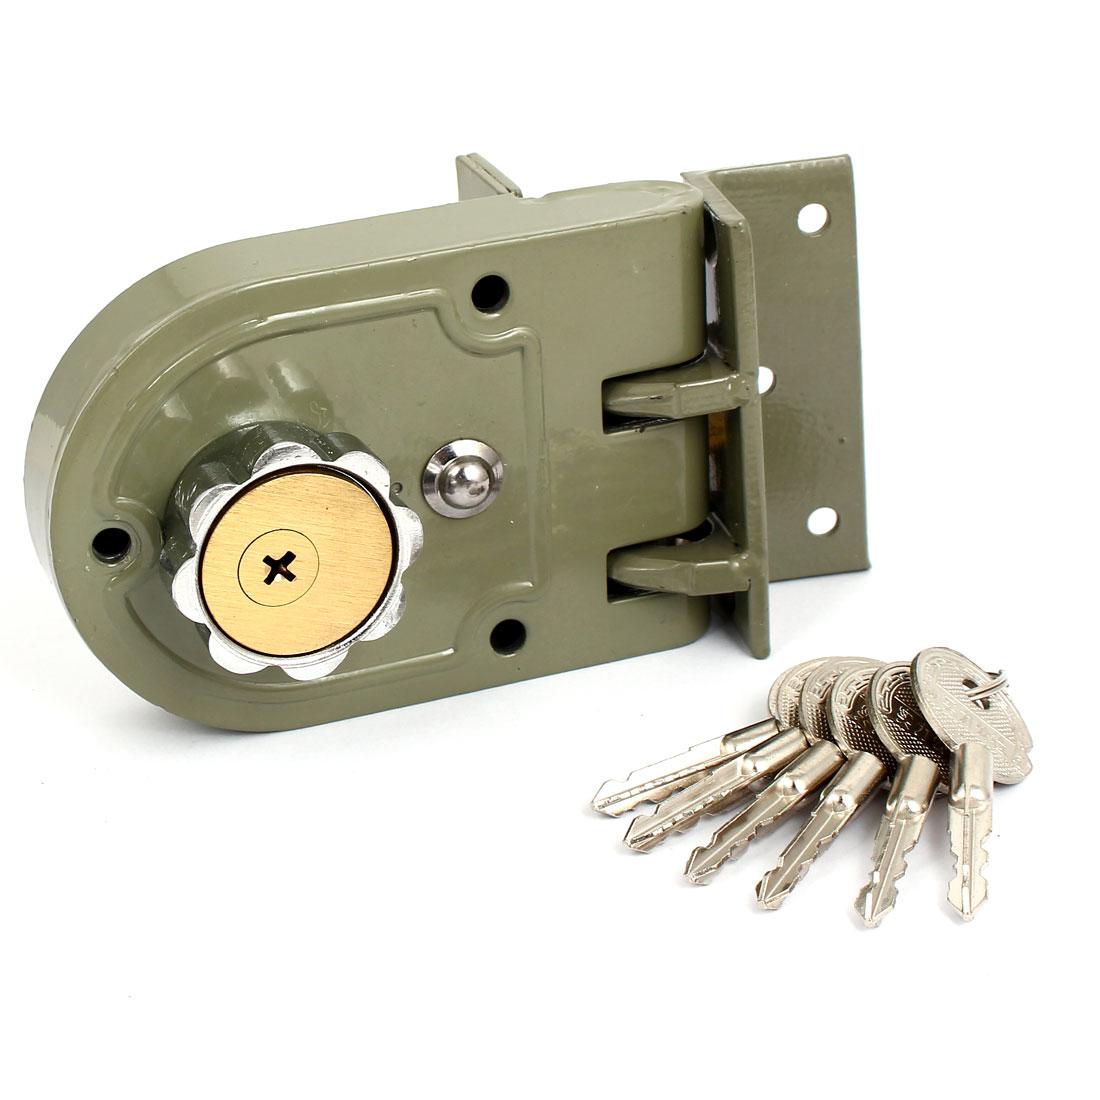 UXCELL bureau à domicile serrures matériel monocylindre pêne dormant Jimmy preuve serrure de porte à clé pour l'amélioration de l'épaisseur de la porte 35-50mm